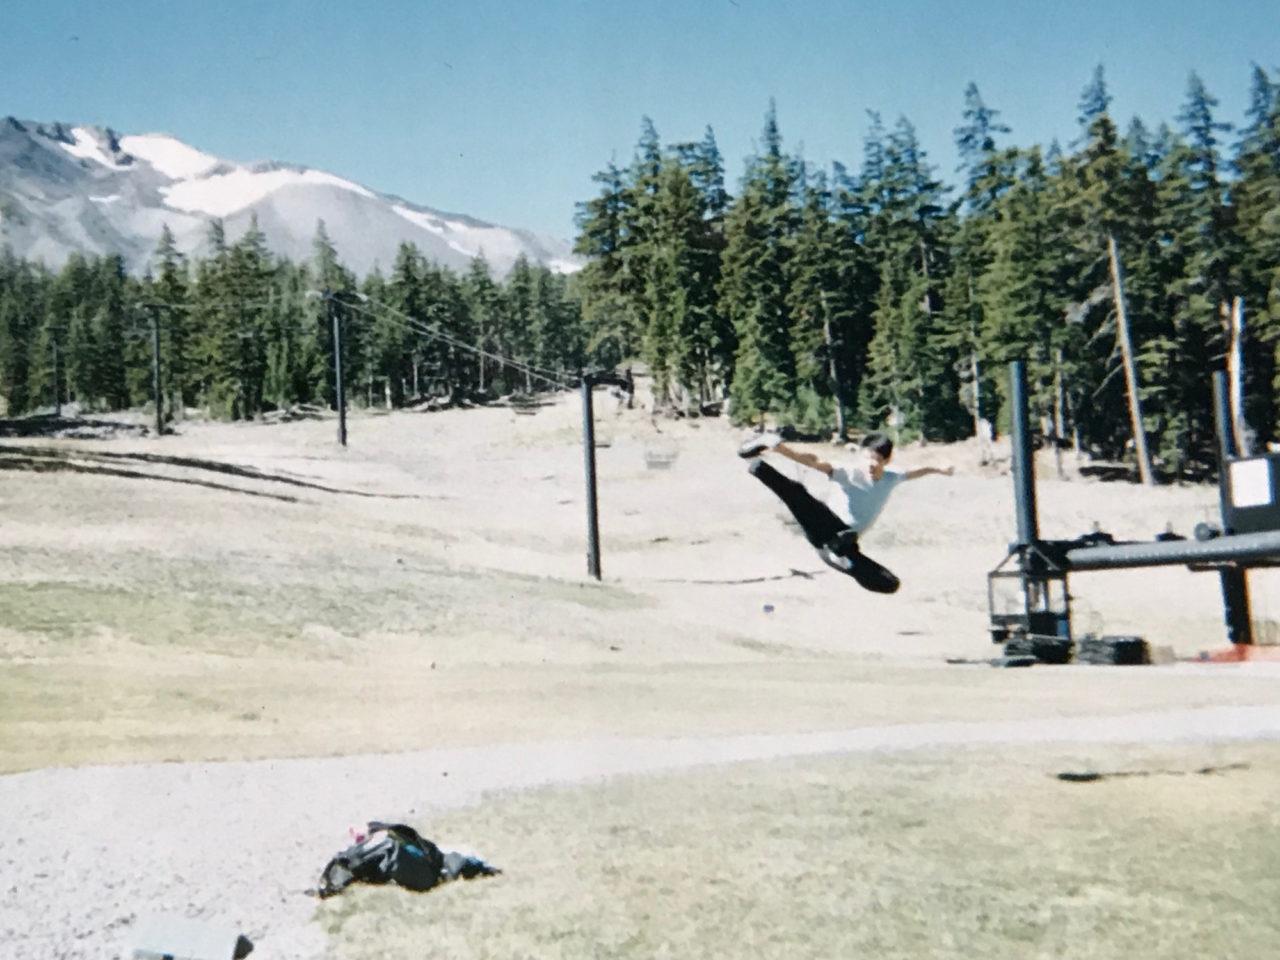 オレゴン州のスキー場での一コマですね